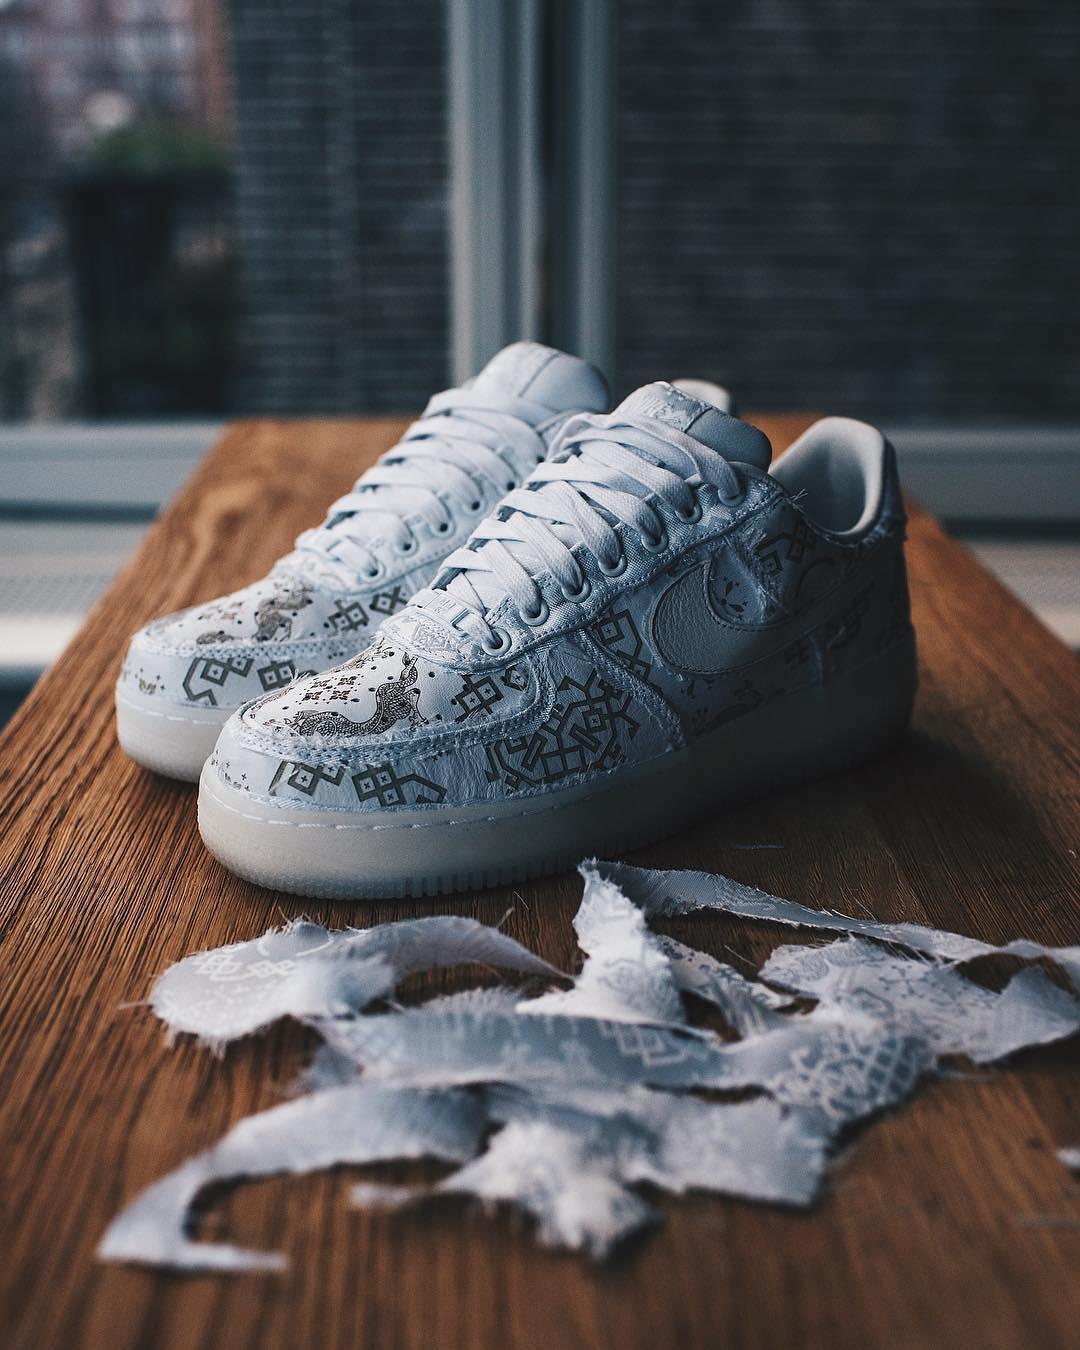 AJ1,Nike  一年價格至少漲一倍!這 26 雙球鞋只是「亂沖文化」的冰山一角